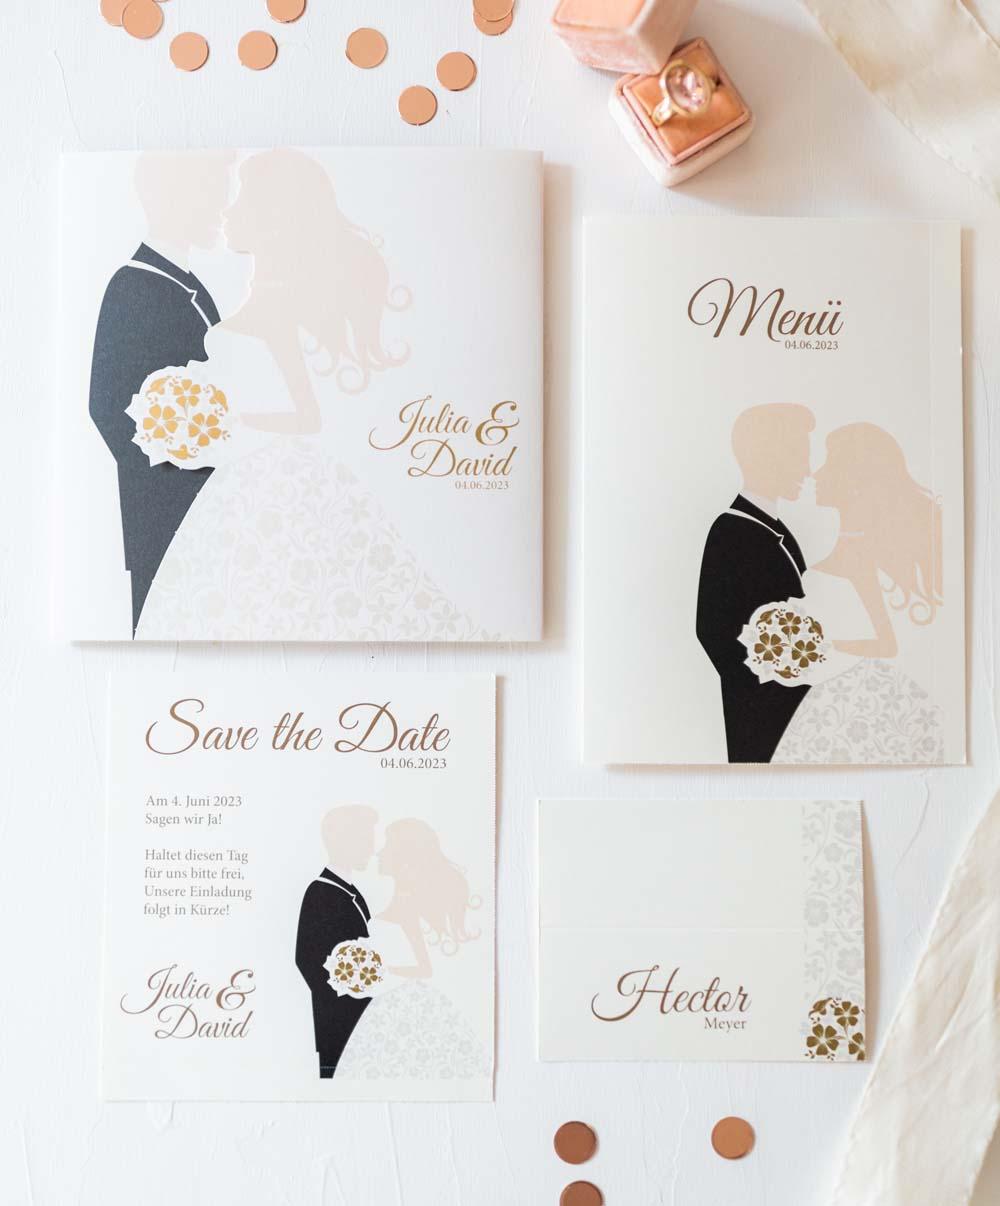 Hochzeitskarten-COLLAGE-einladung-menue-tischkarte-brautpaar-Silhouette-ba725093